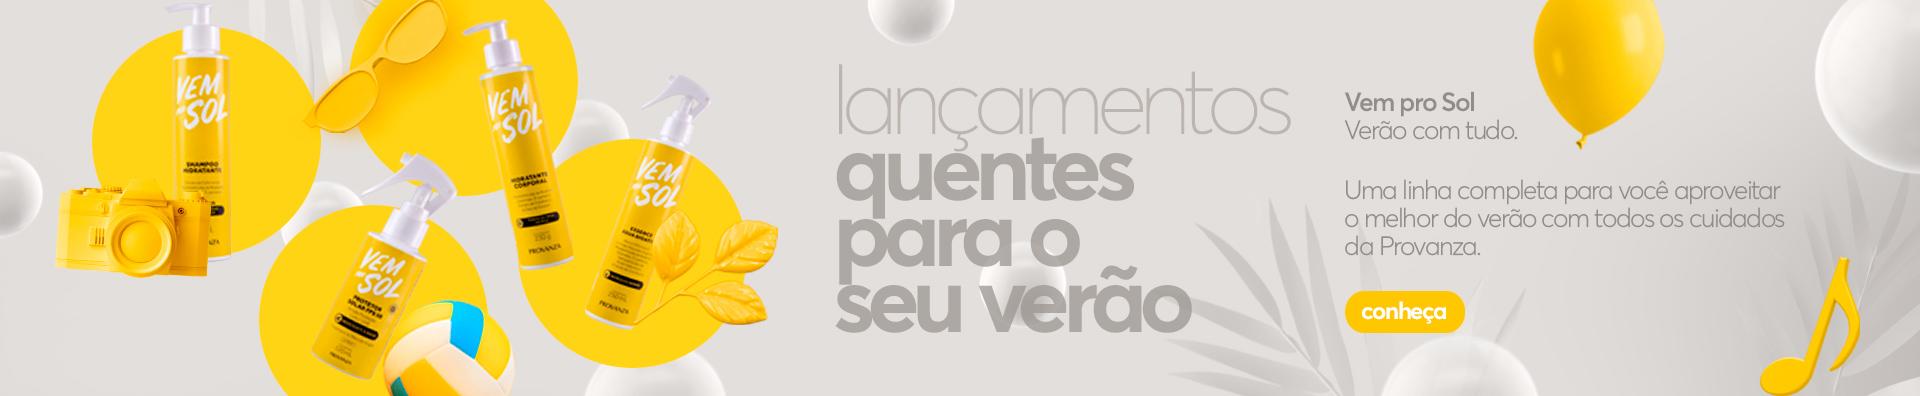 Banner 2 - Vem pro Sol